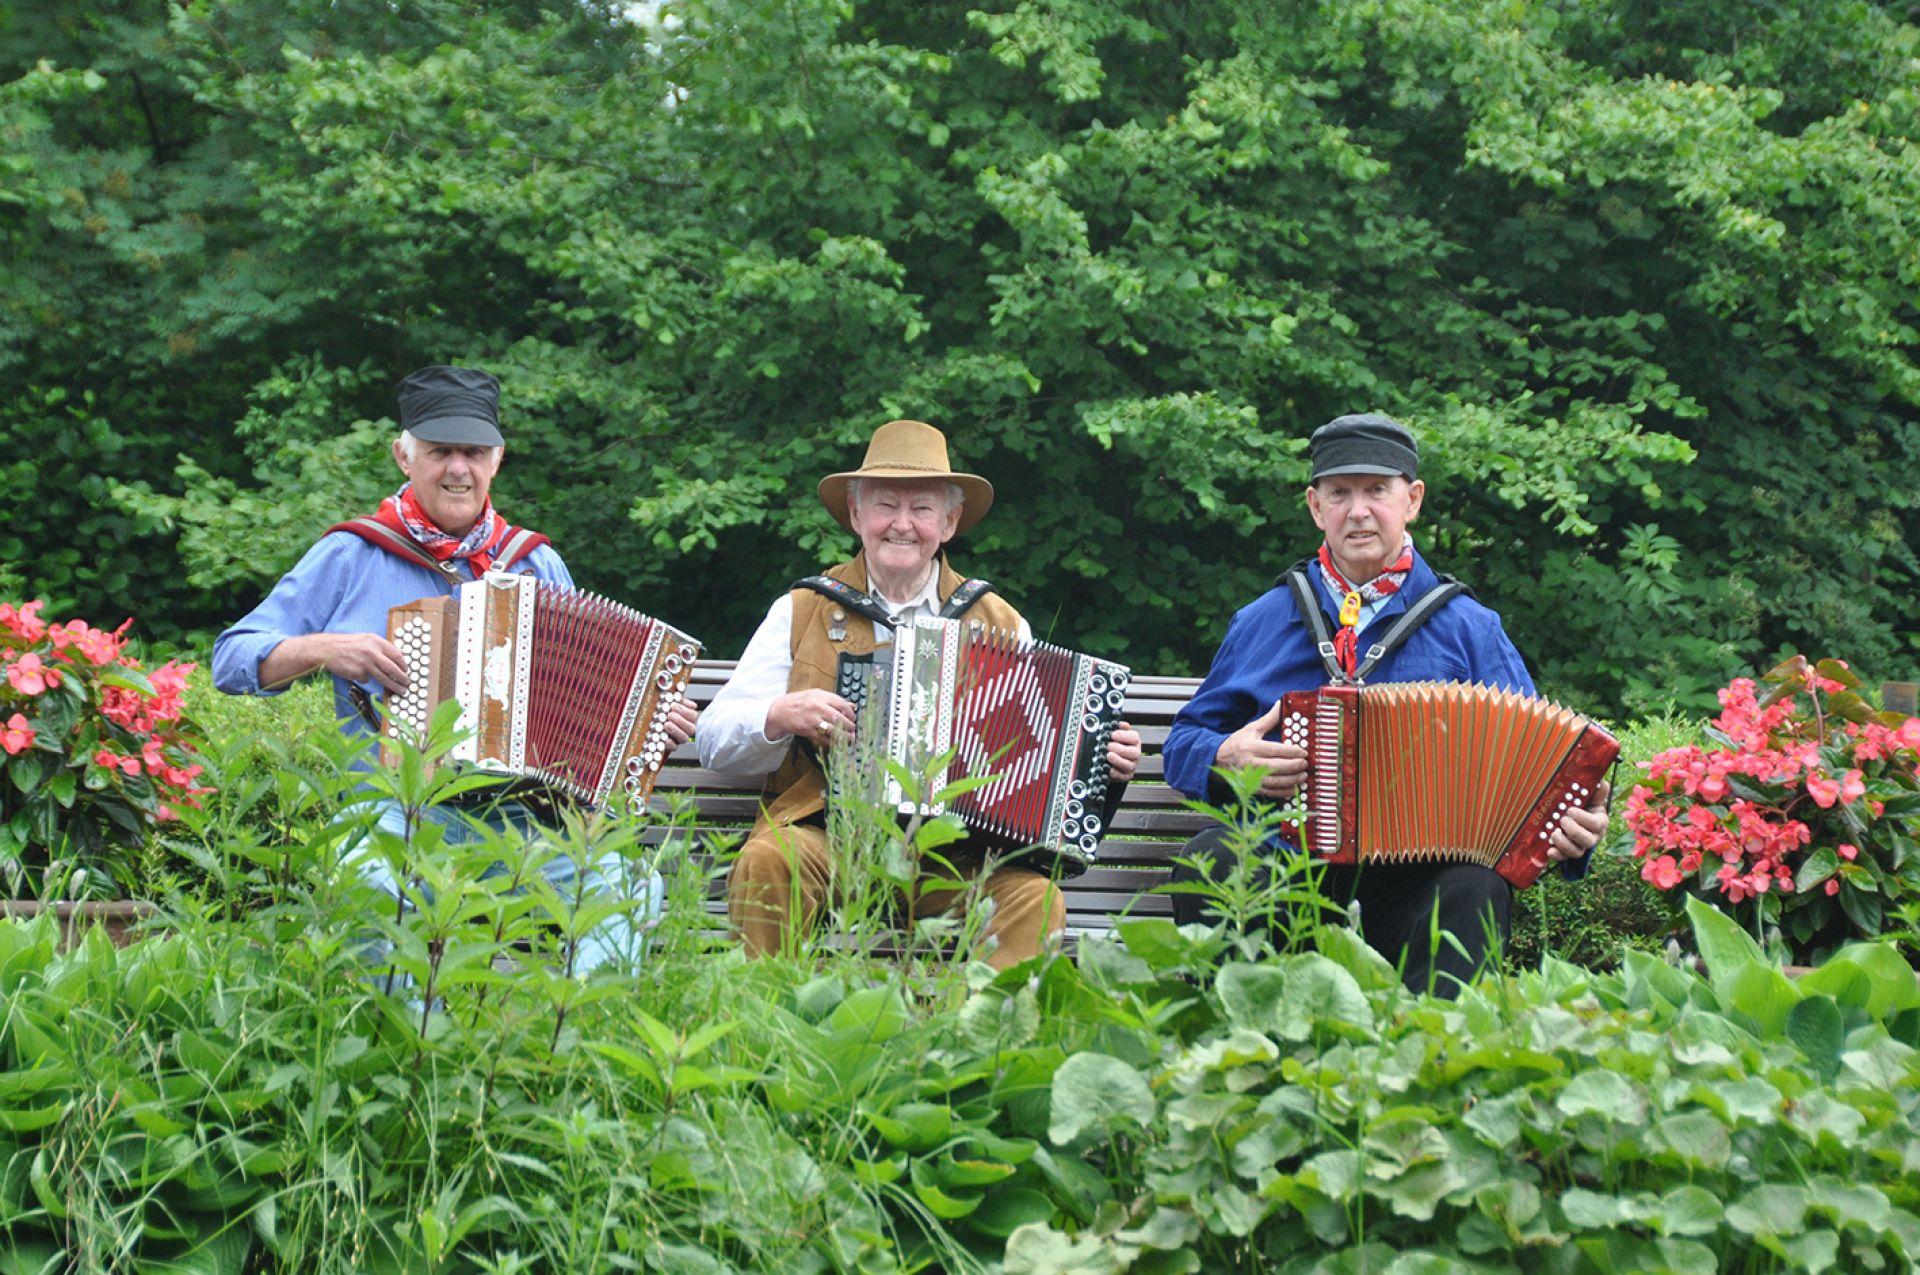 Museumboerderij Wendezoele opent seizoen vol activiteiten op 1 mei